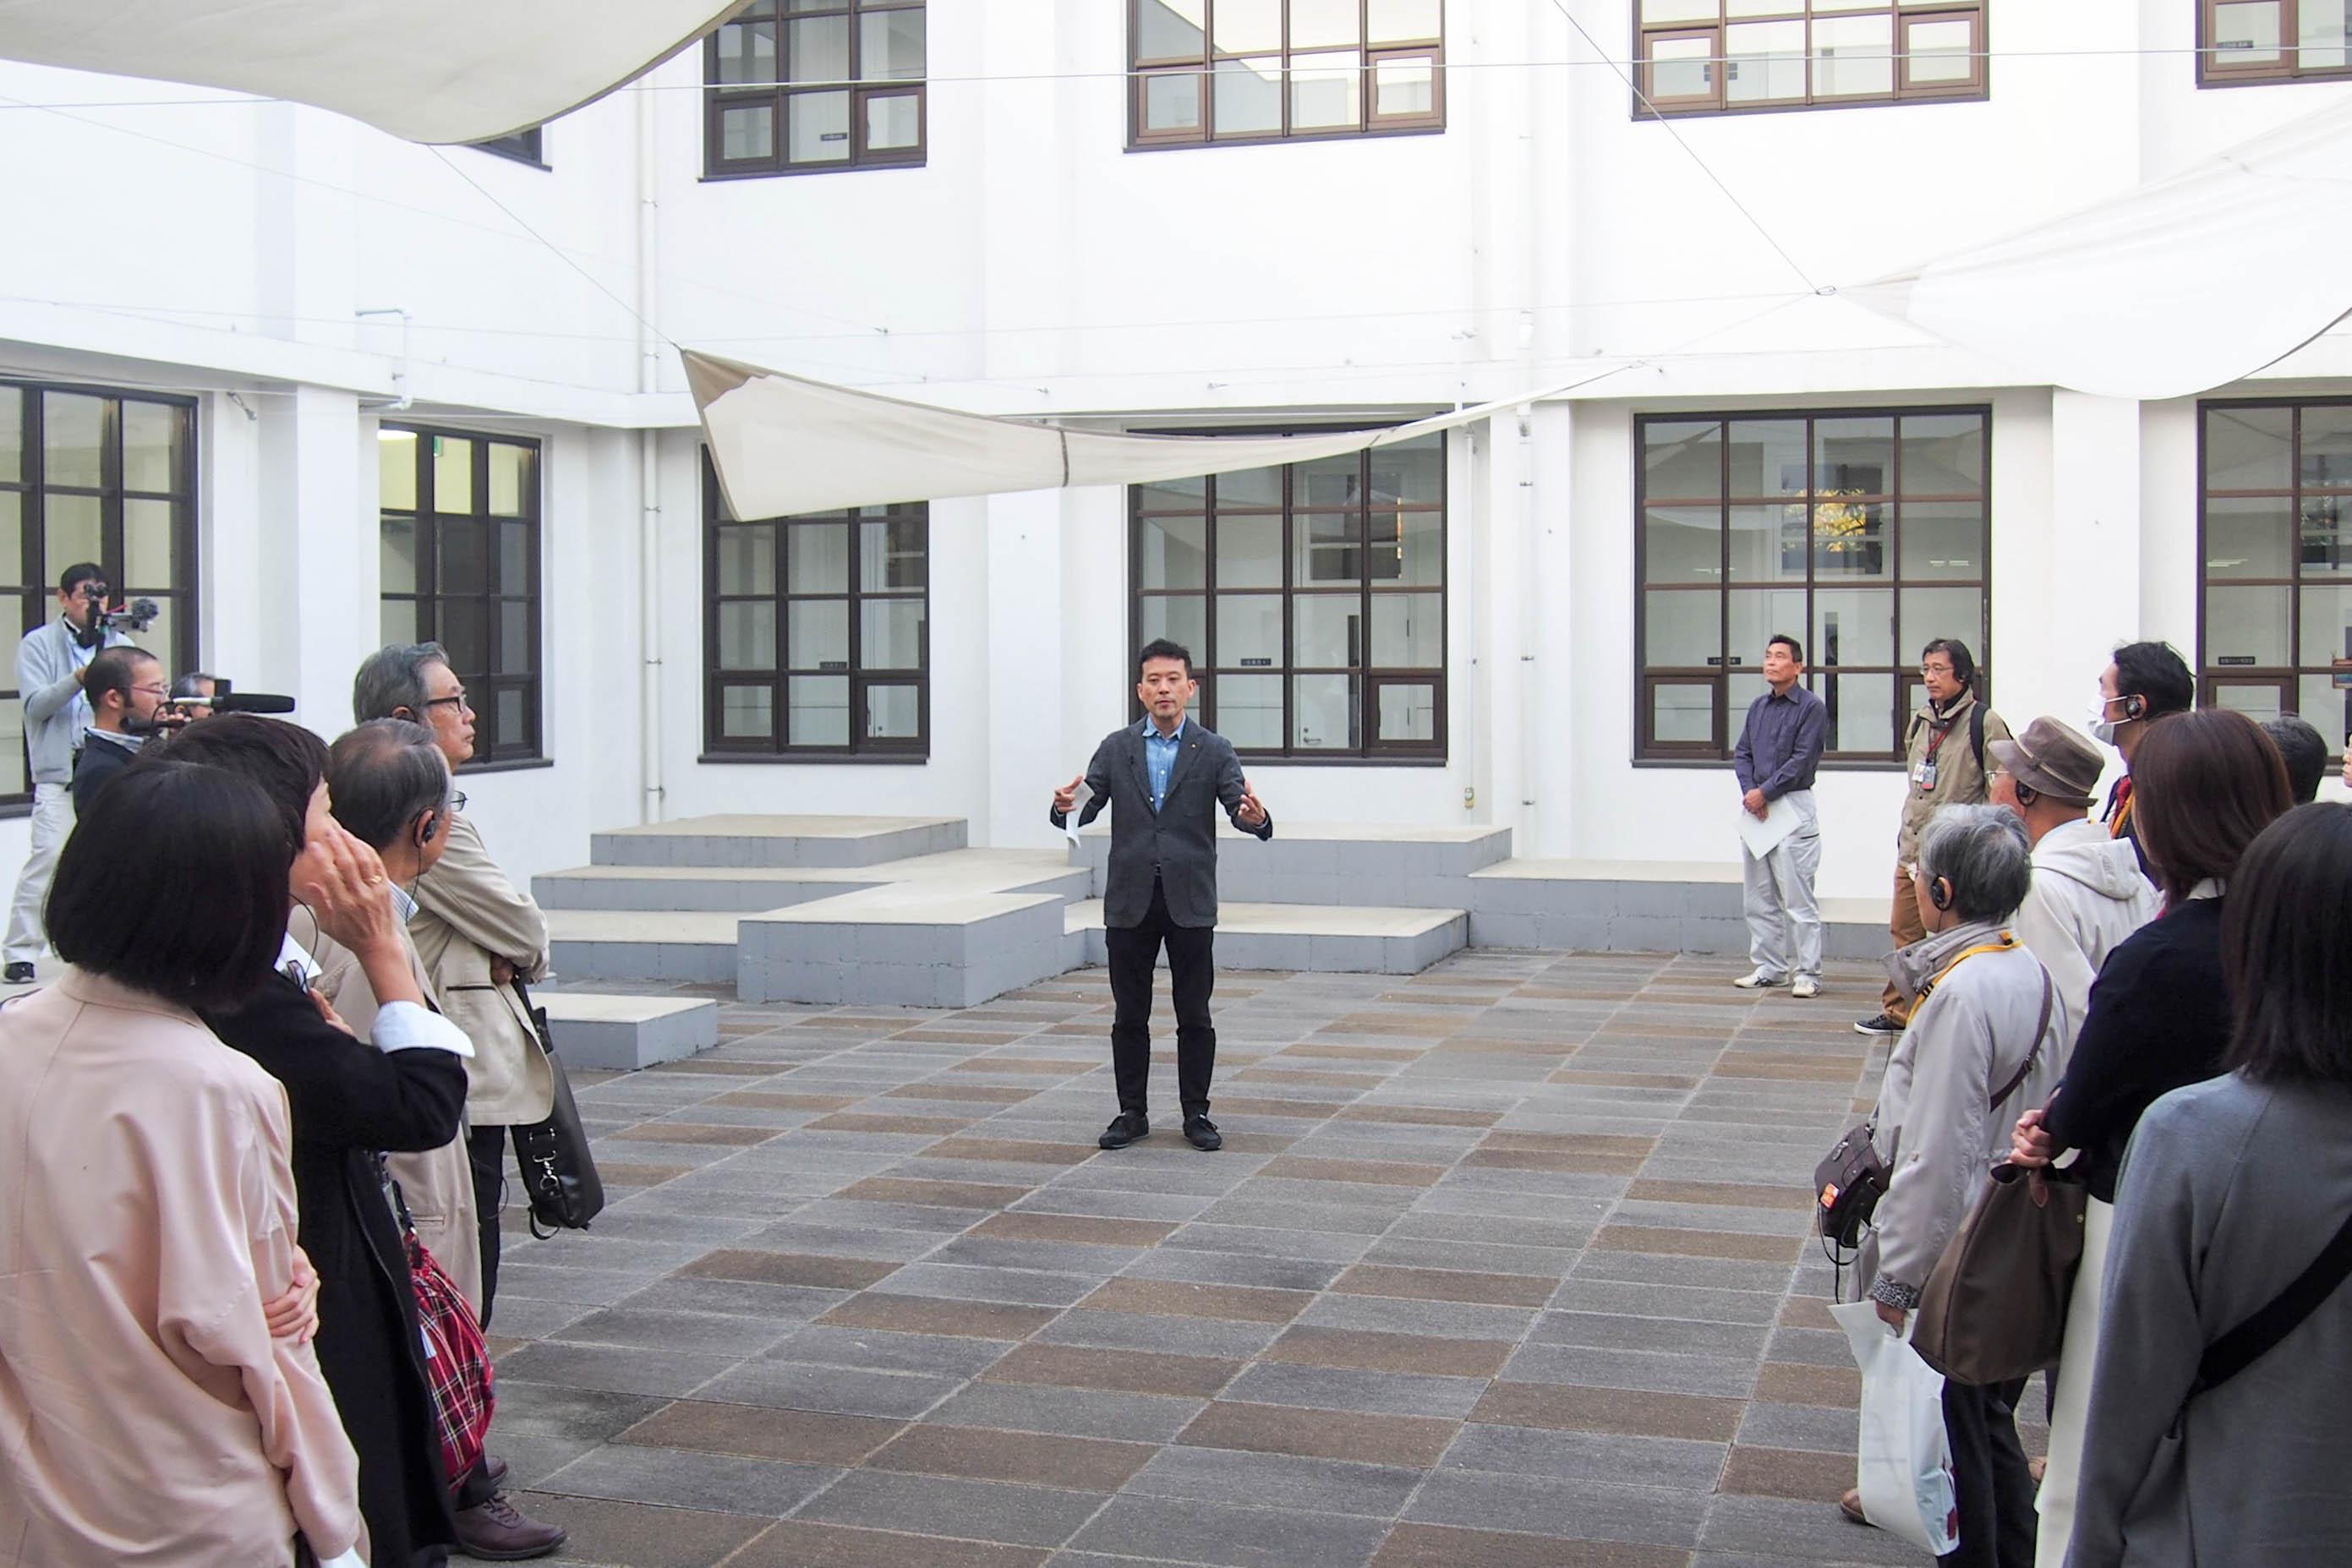 大阪市立大学の建築を見る